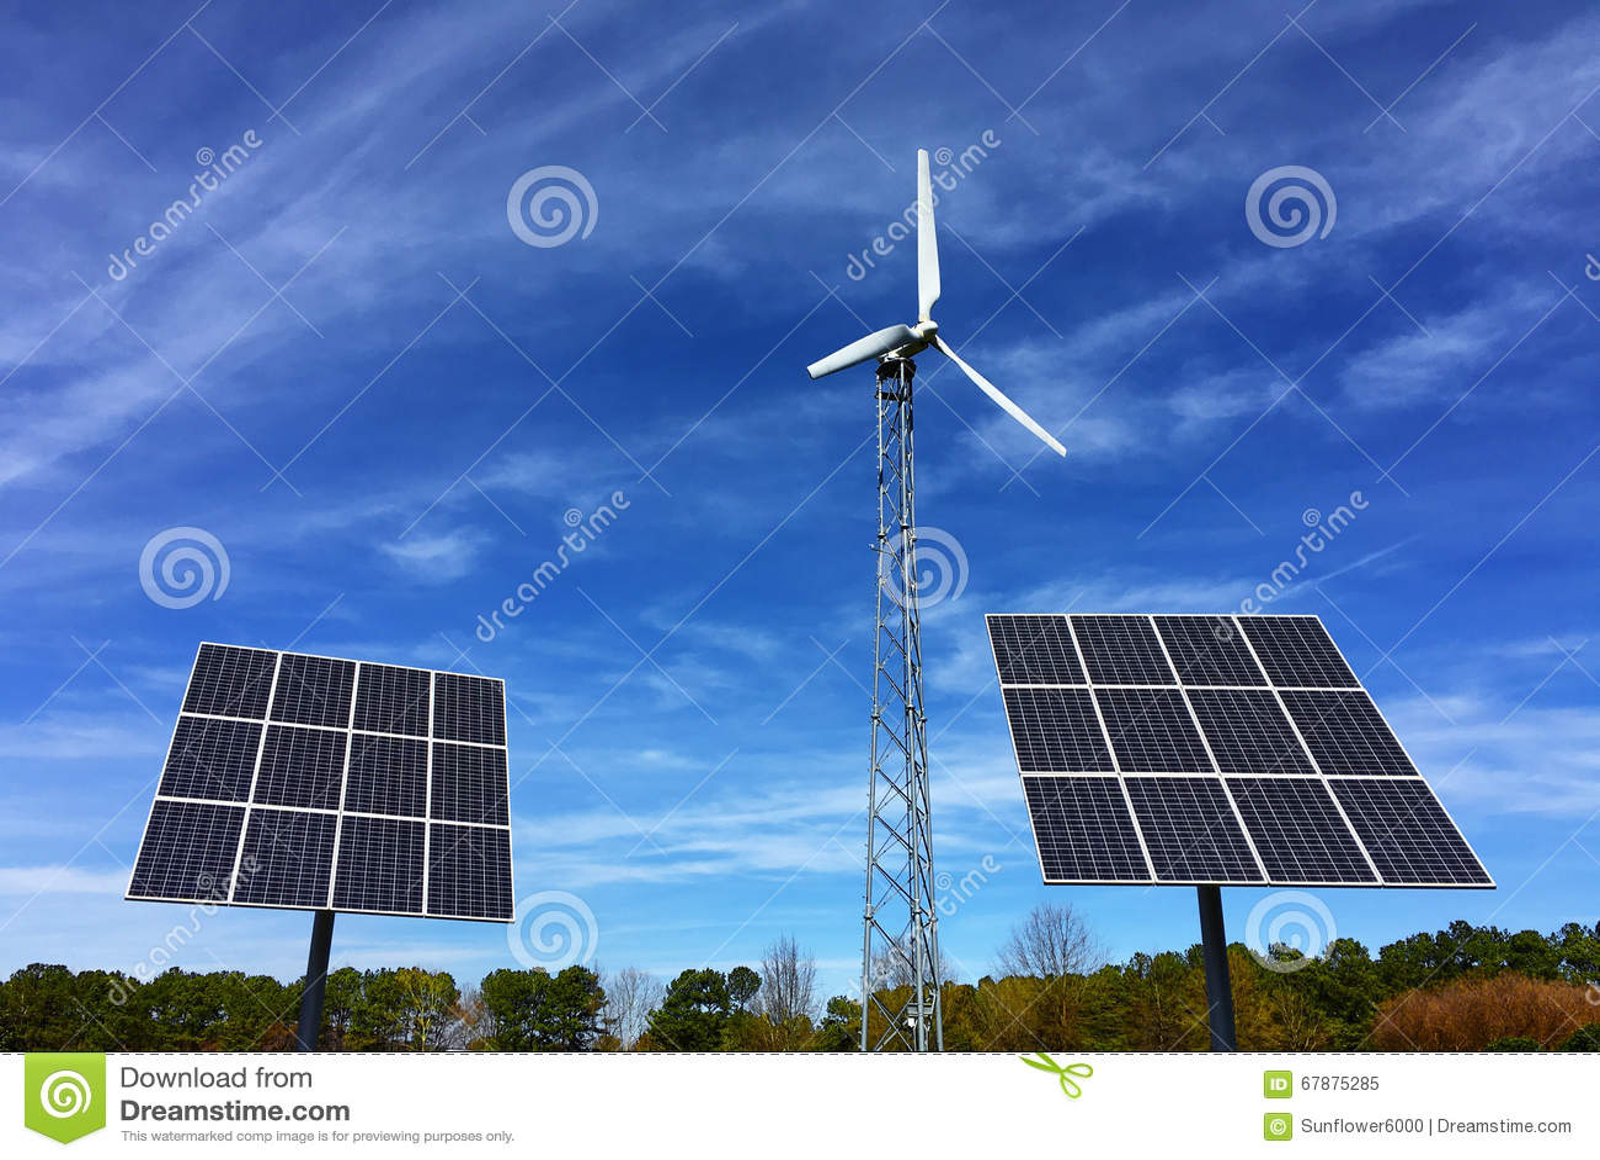 太阳电池板和风能涡轮发电站